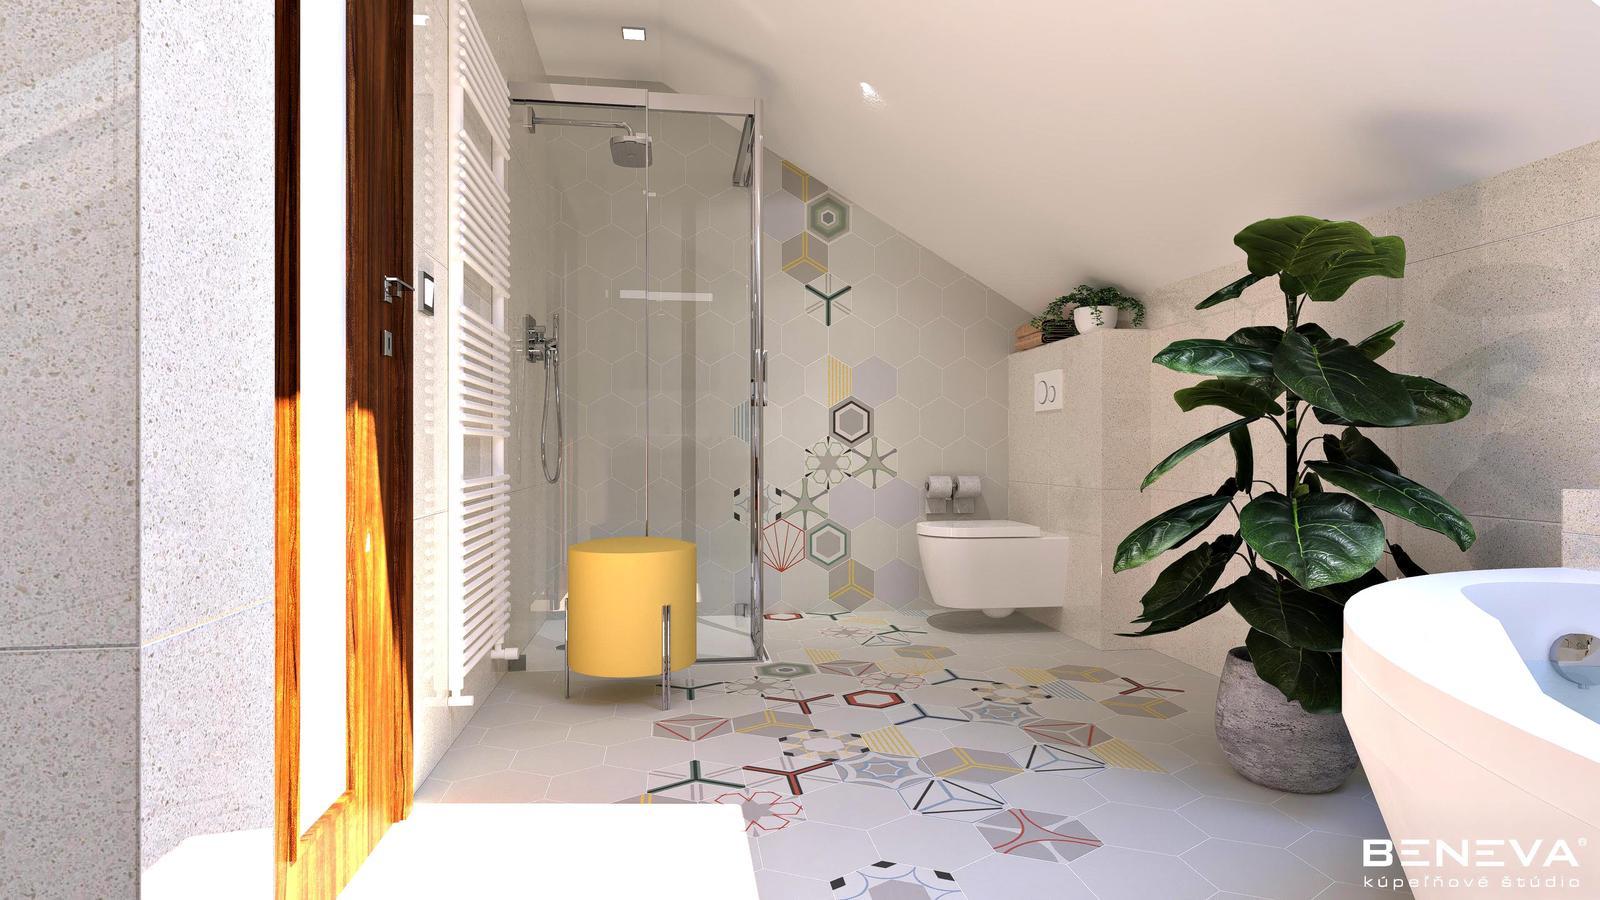 Návrhy kúpeľní 2021 - Obrázok č. 5